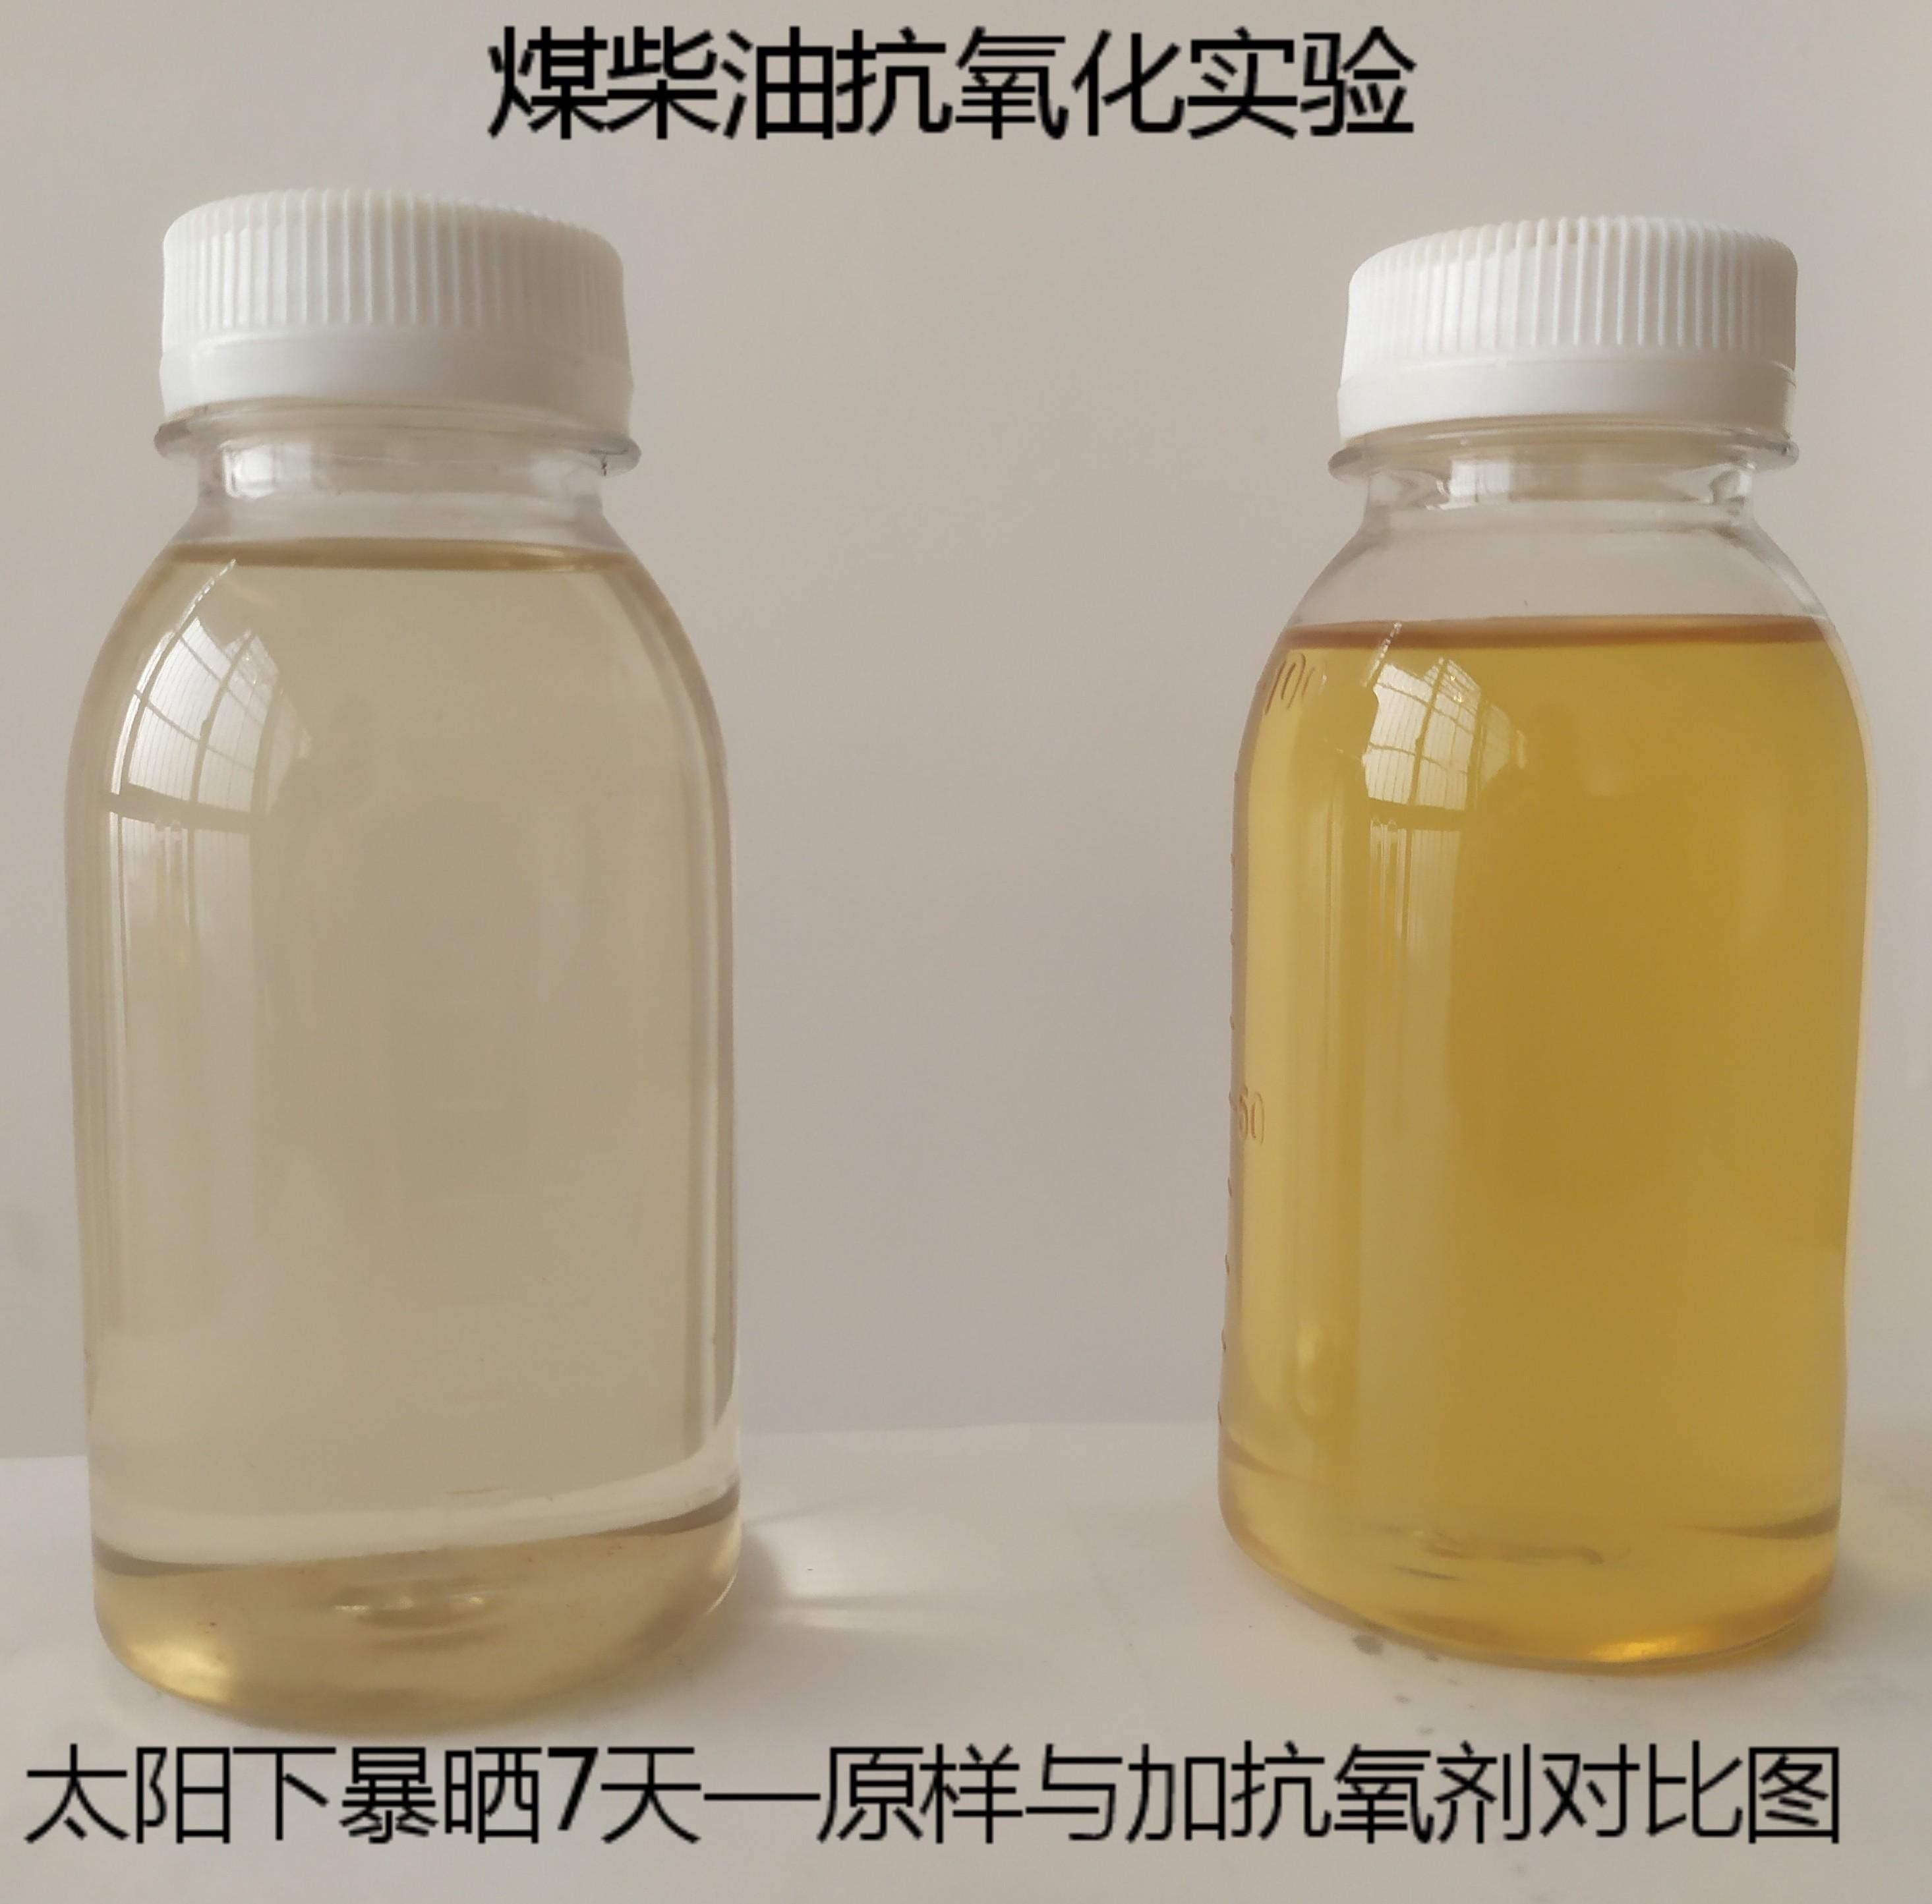 煤柴油抗氧化剂.jpg